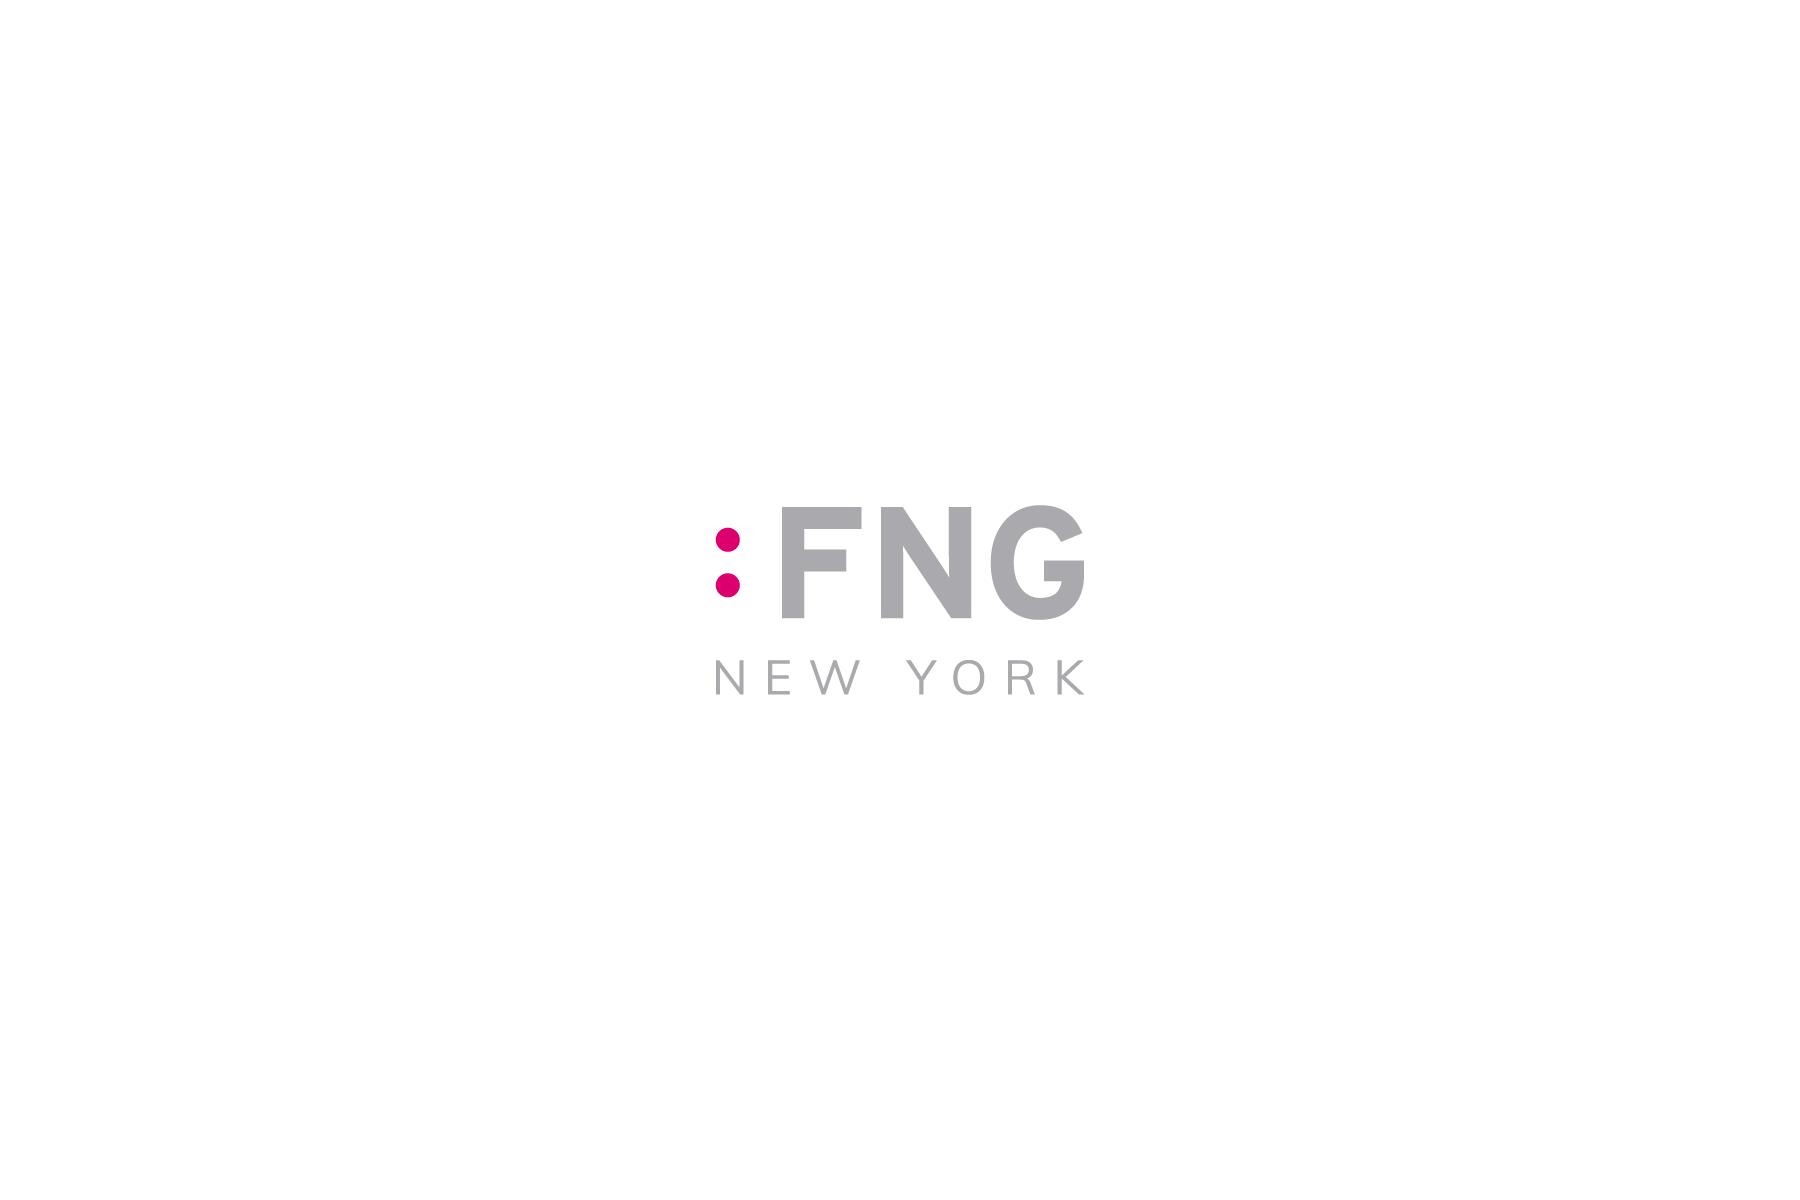 byFNG.com | E-commerce | Pamela Machado - Portafolio 2021